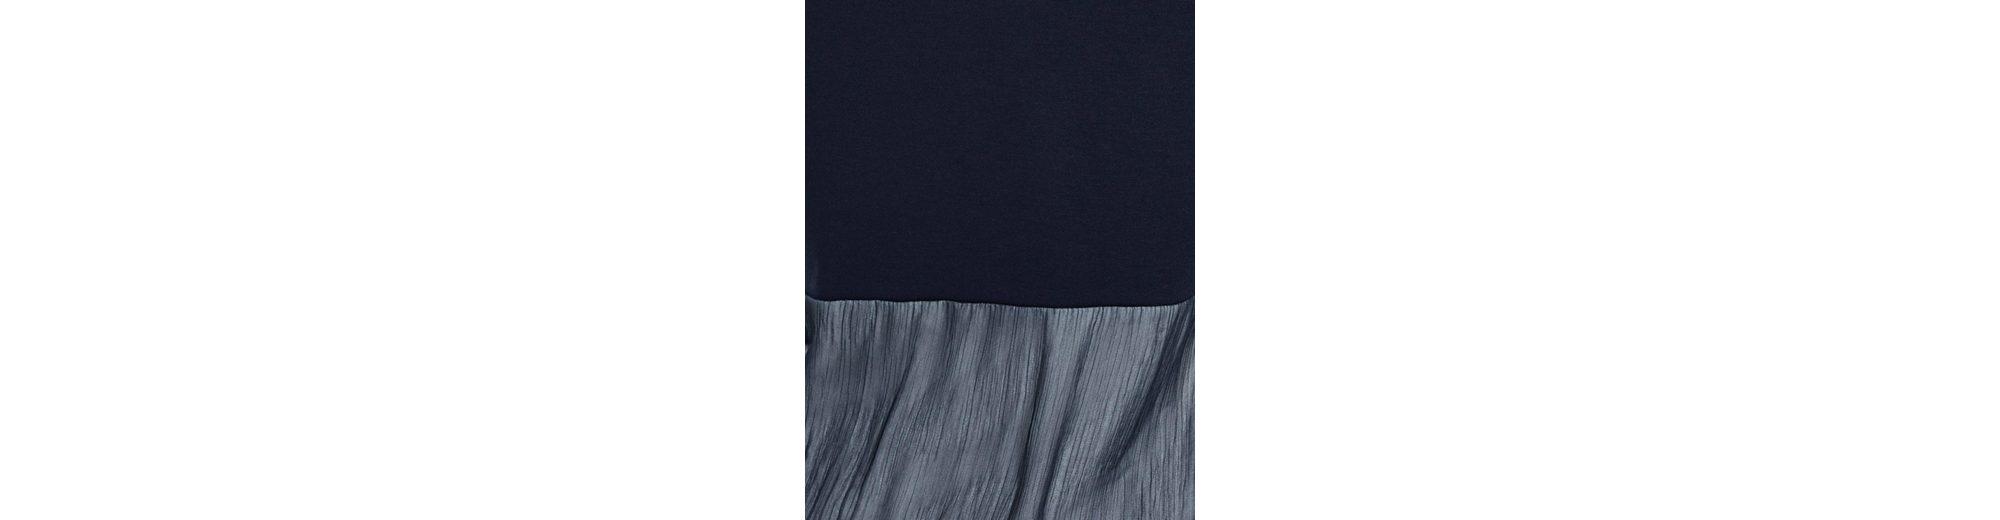 B.C. BEST CONNECTIONS by Heine 2-in-1-Shirt mit Rundhalsausschnitt Auslass Niedriger Preis Niedriger Versand Zum Verkauf Aussicht DsSqkOb